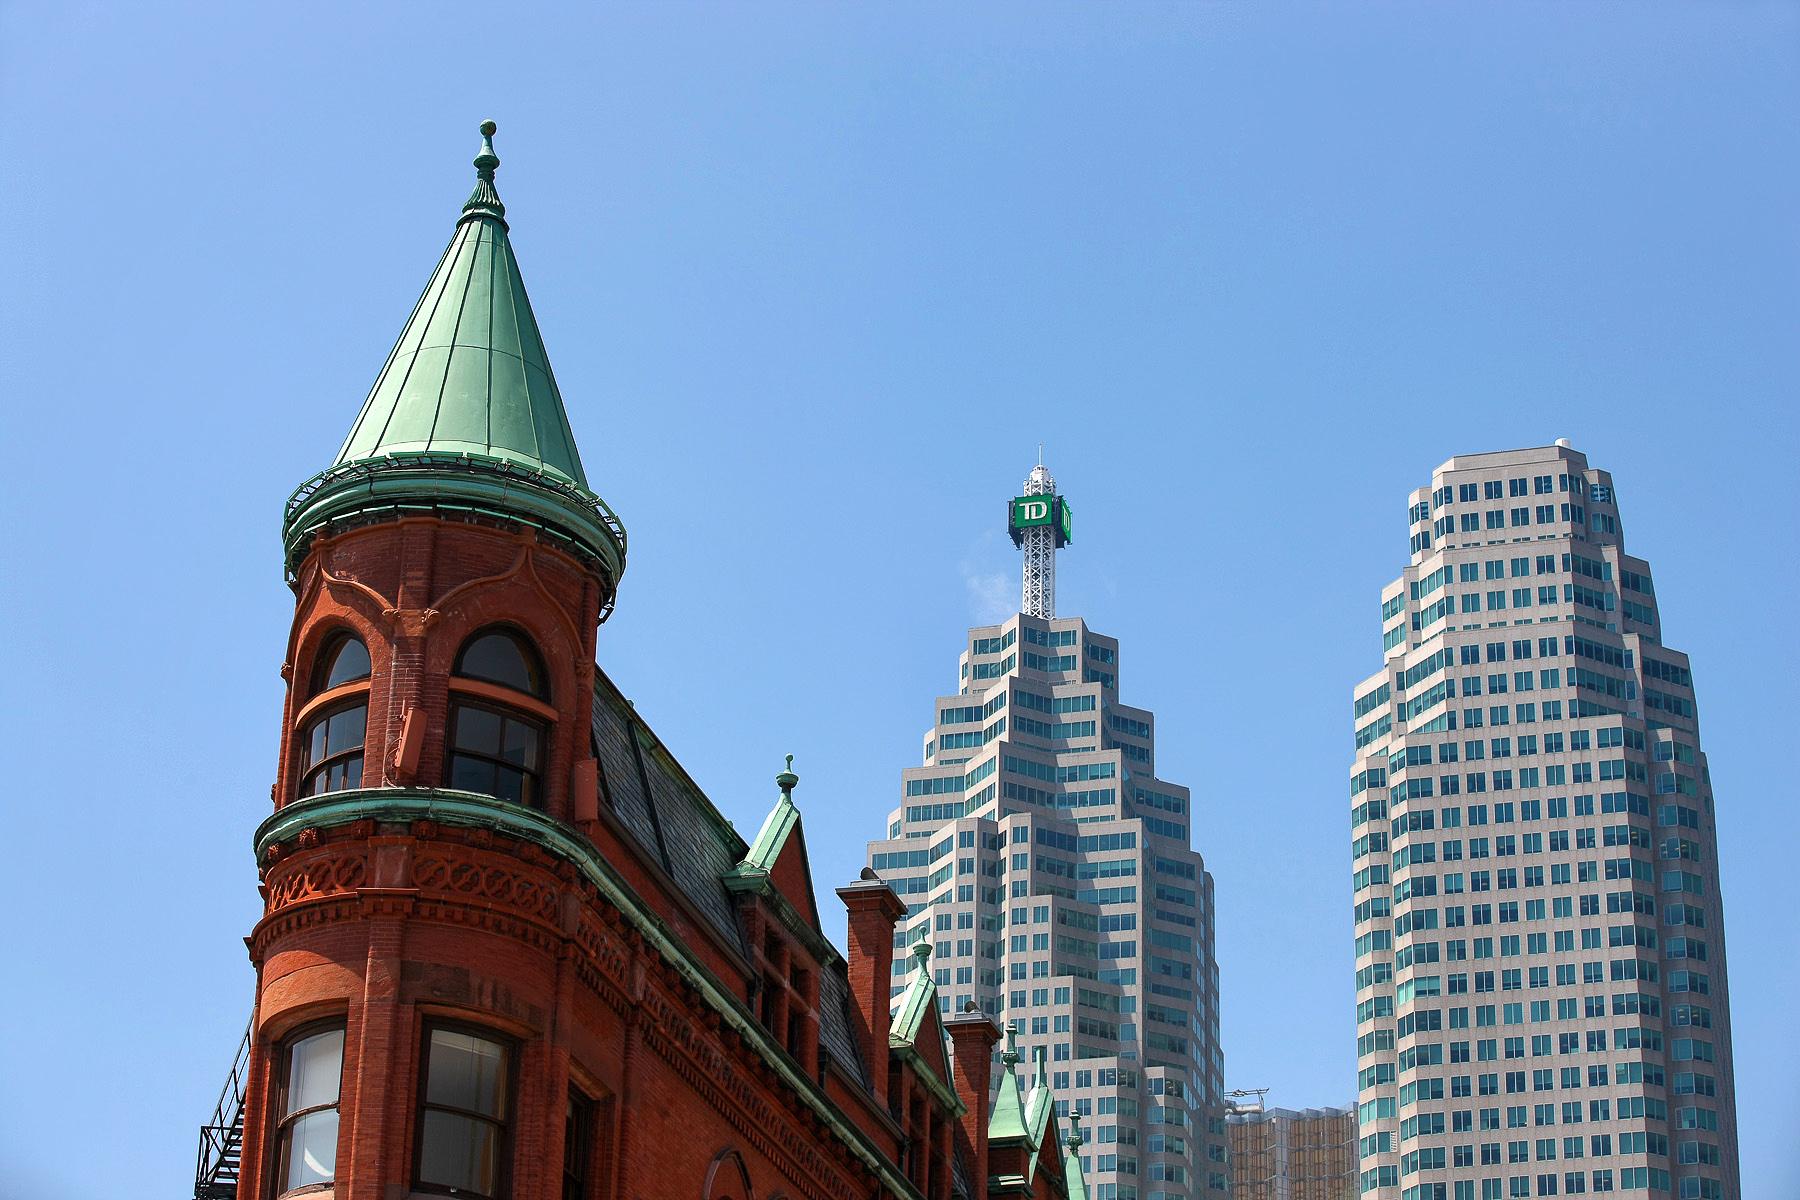 L'ultimo piano del Gooderham Building, edificio vittoriano circondato dai grattacieli